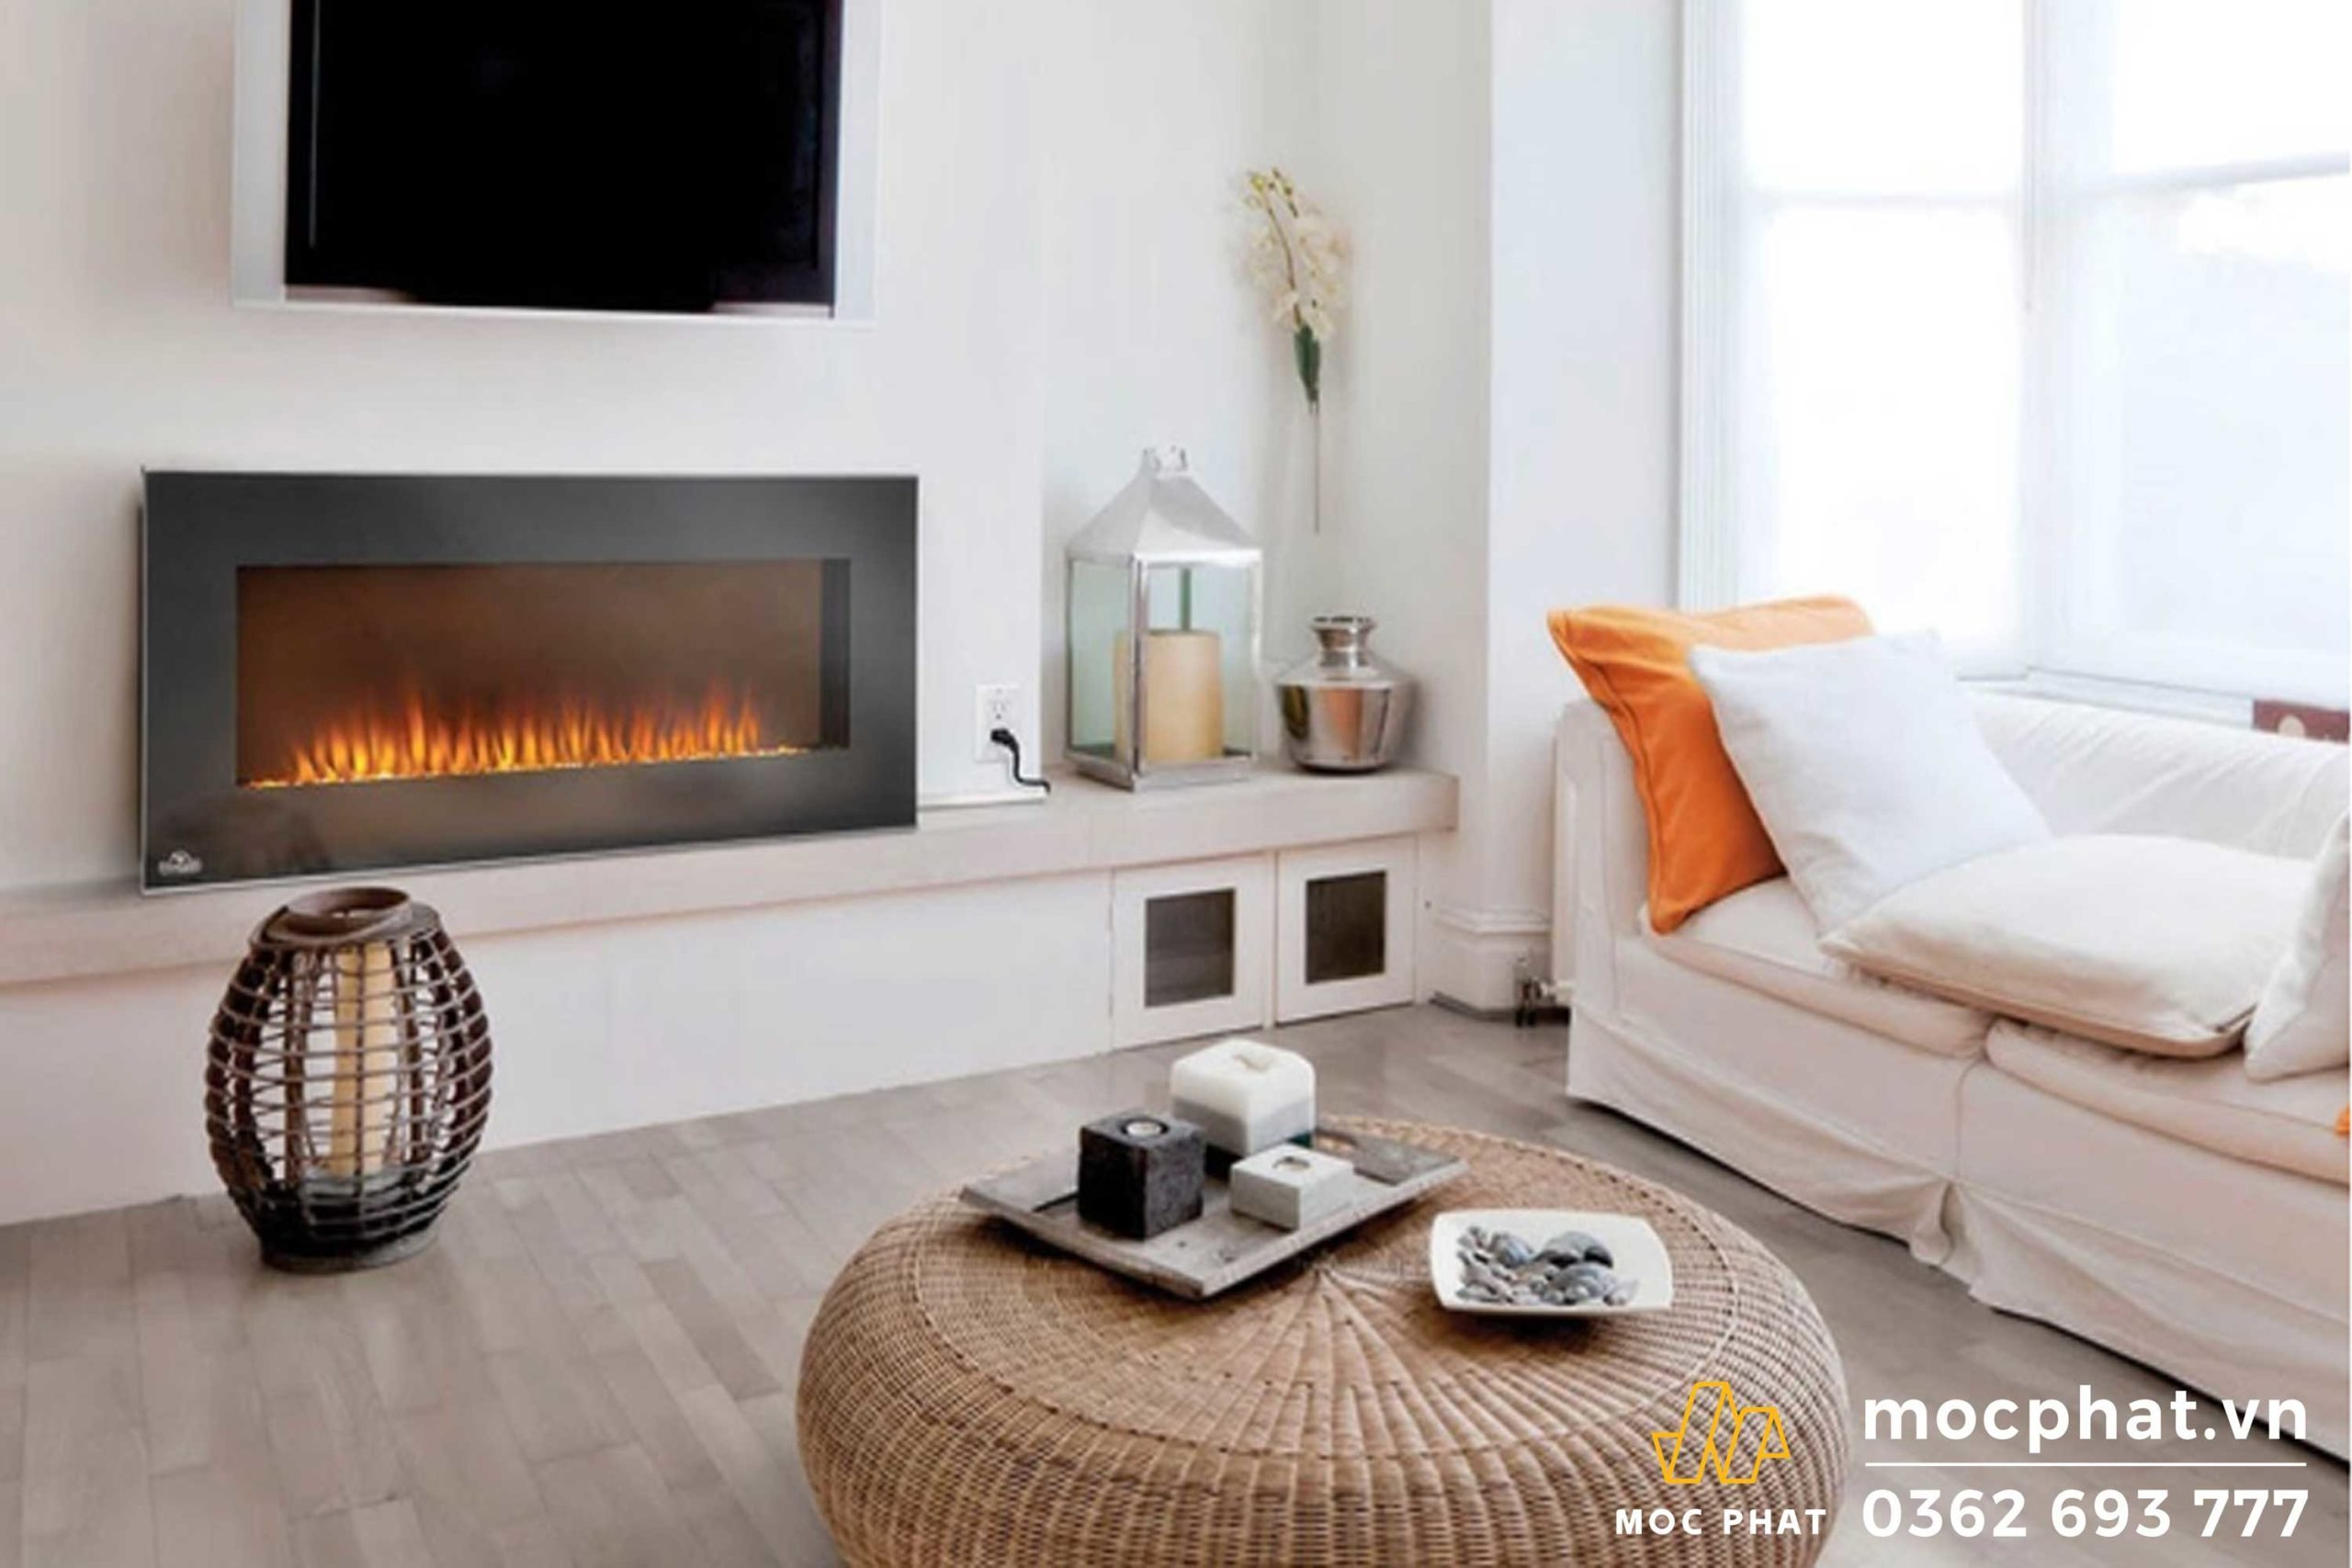 Sử dụng lò sưởi điện để tăng nhiệt cho căn phòng - Cách làm nền nhà không bị nồm